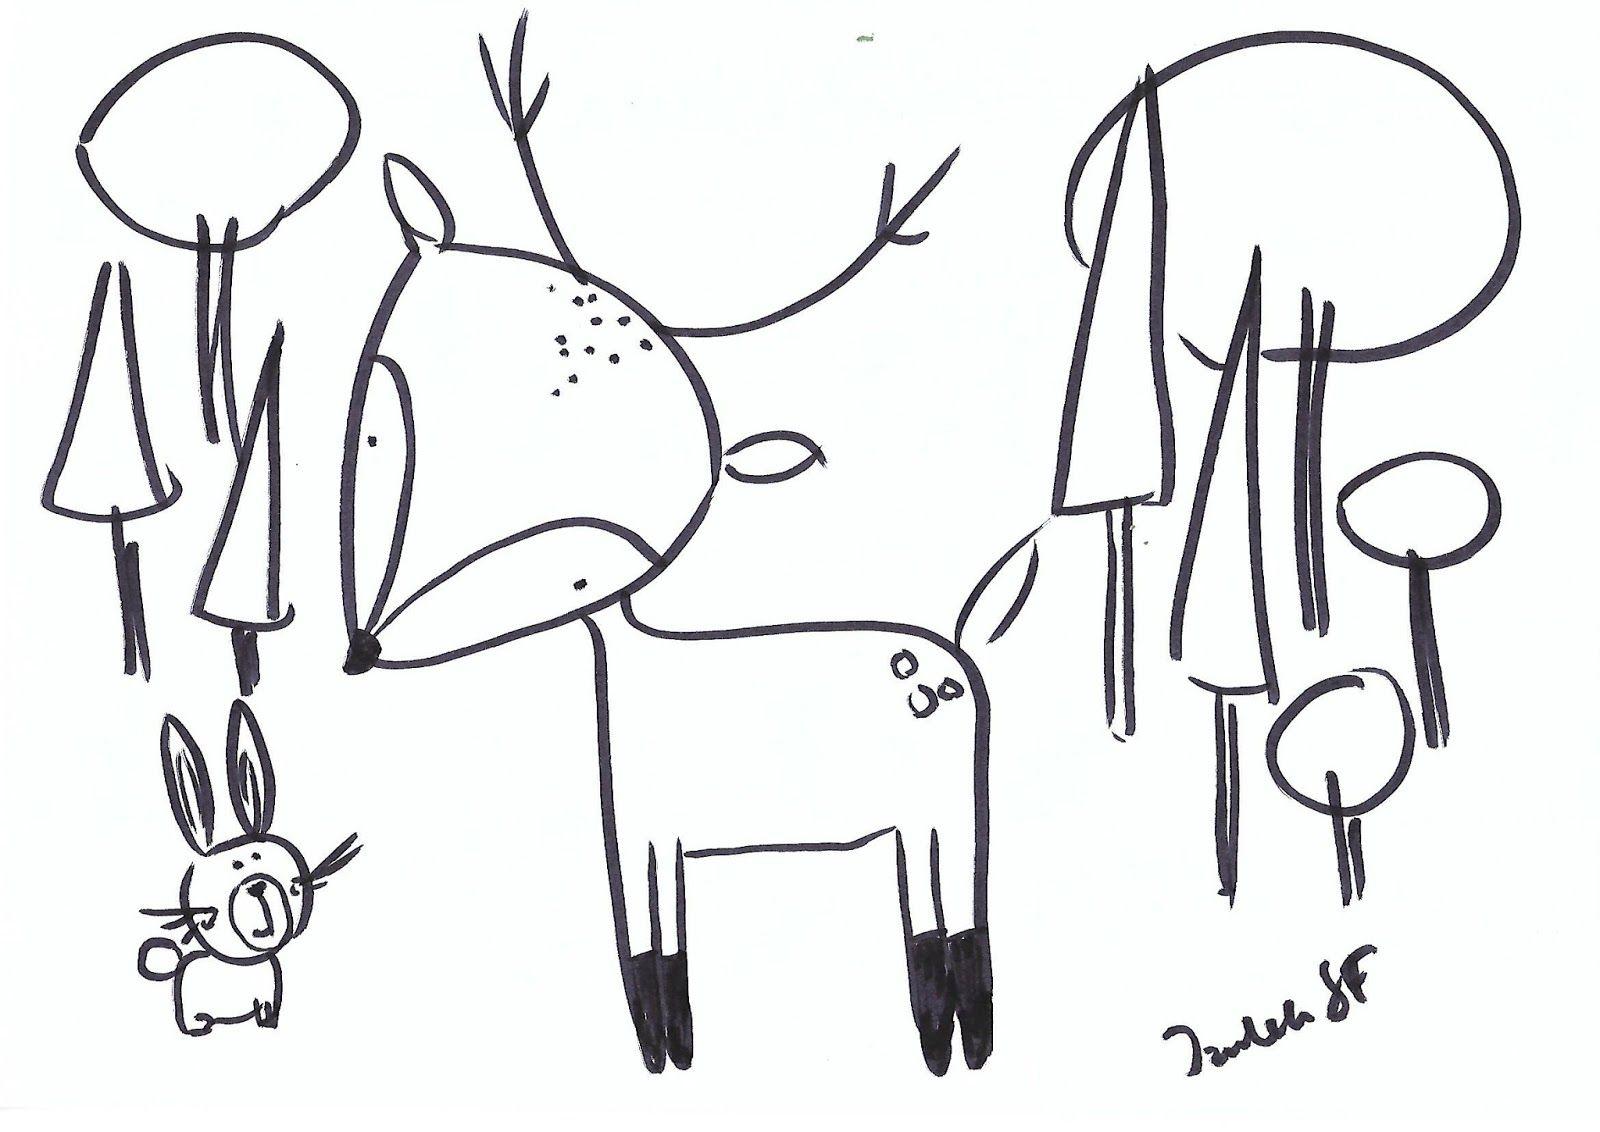 Znalezione Obrazy Dla Zapytania Jednorozec Kolorowanka Art Illustration Peace Gesture